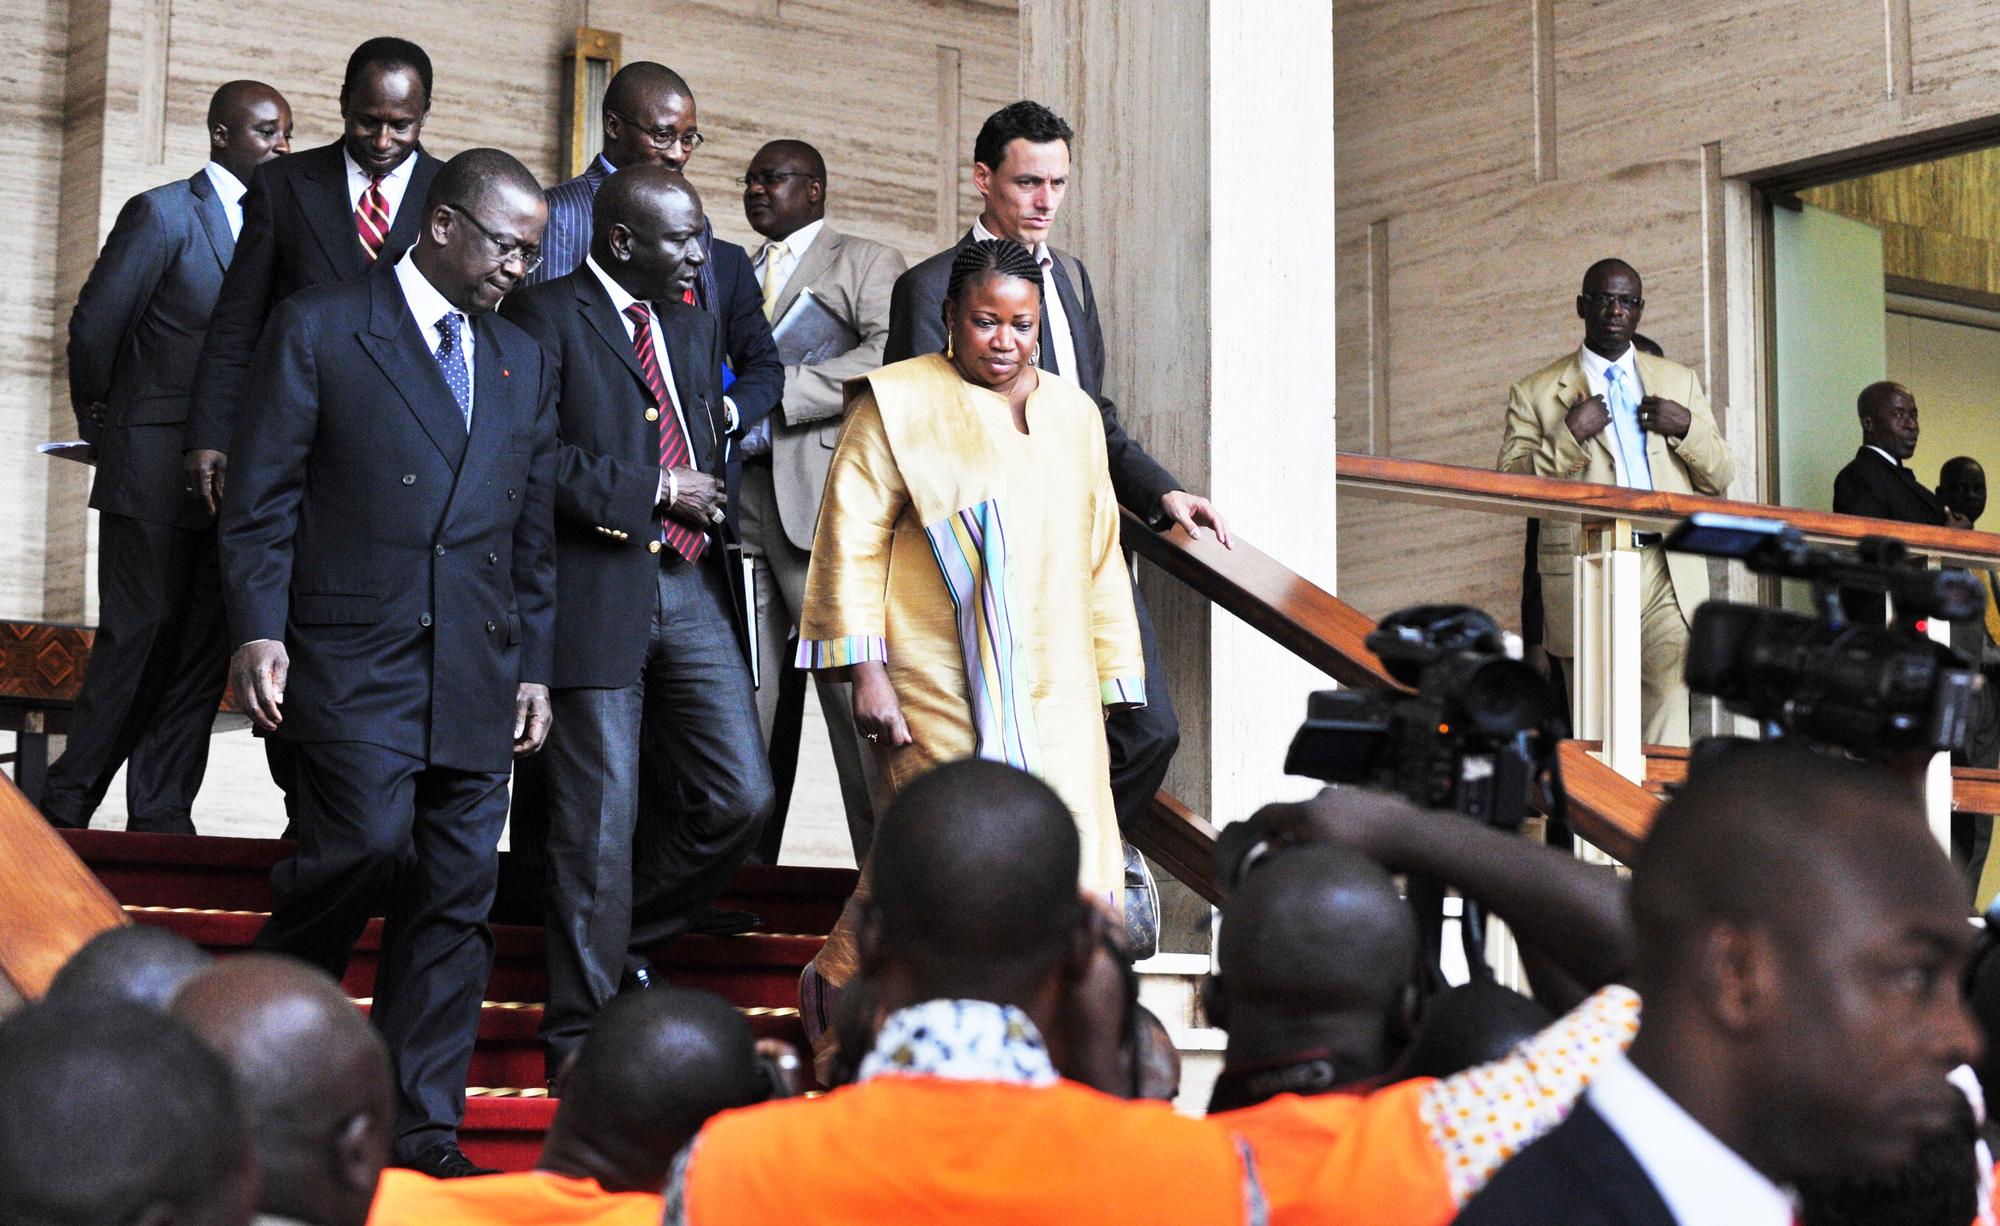 Une délégation de la CPI sortant du palais présidentiel ivoirien, le 28juin 2011.